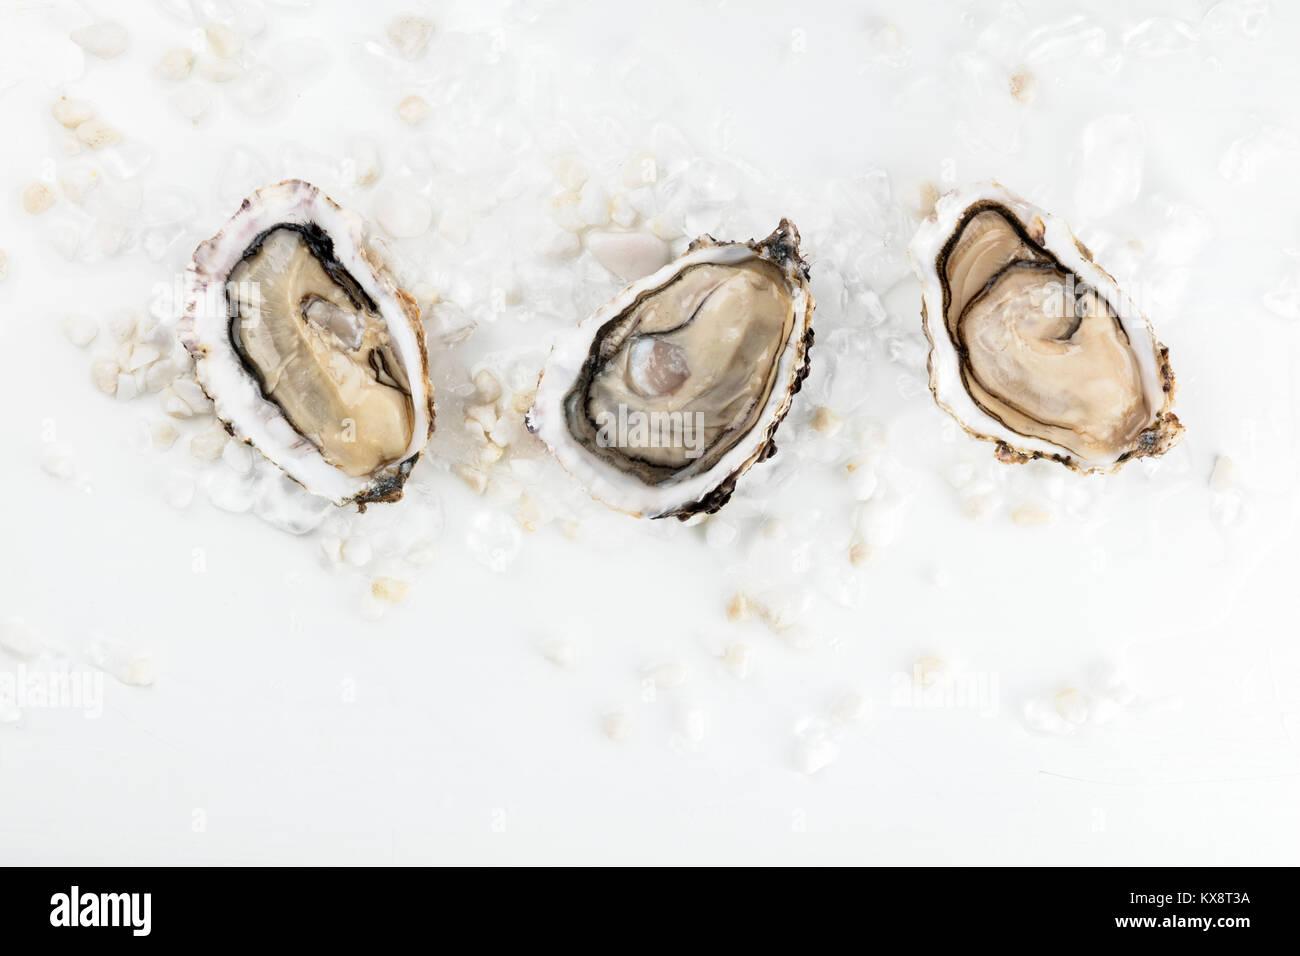 Photo prise à la verticale de trois huîtres with copy space Banque D'Images